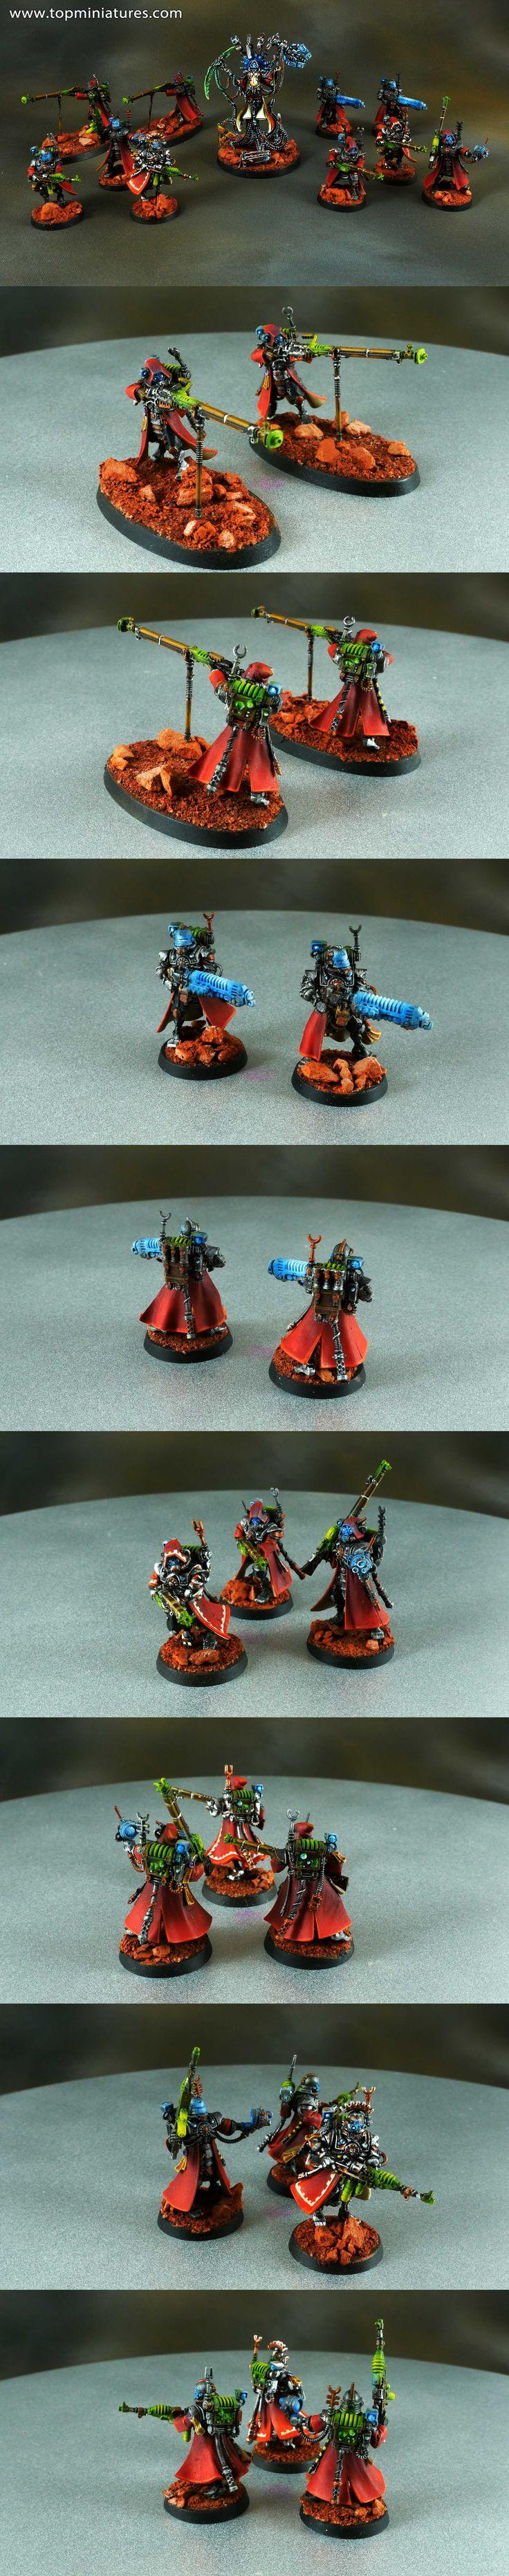 Warhammer 40k Adeptus Mechanicus Skitarii Rangers